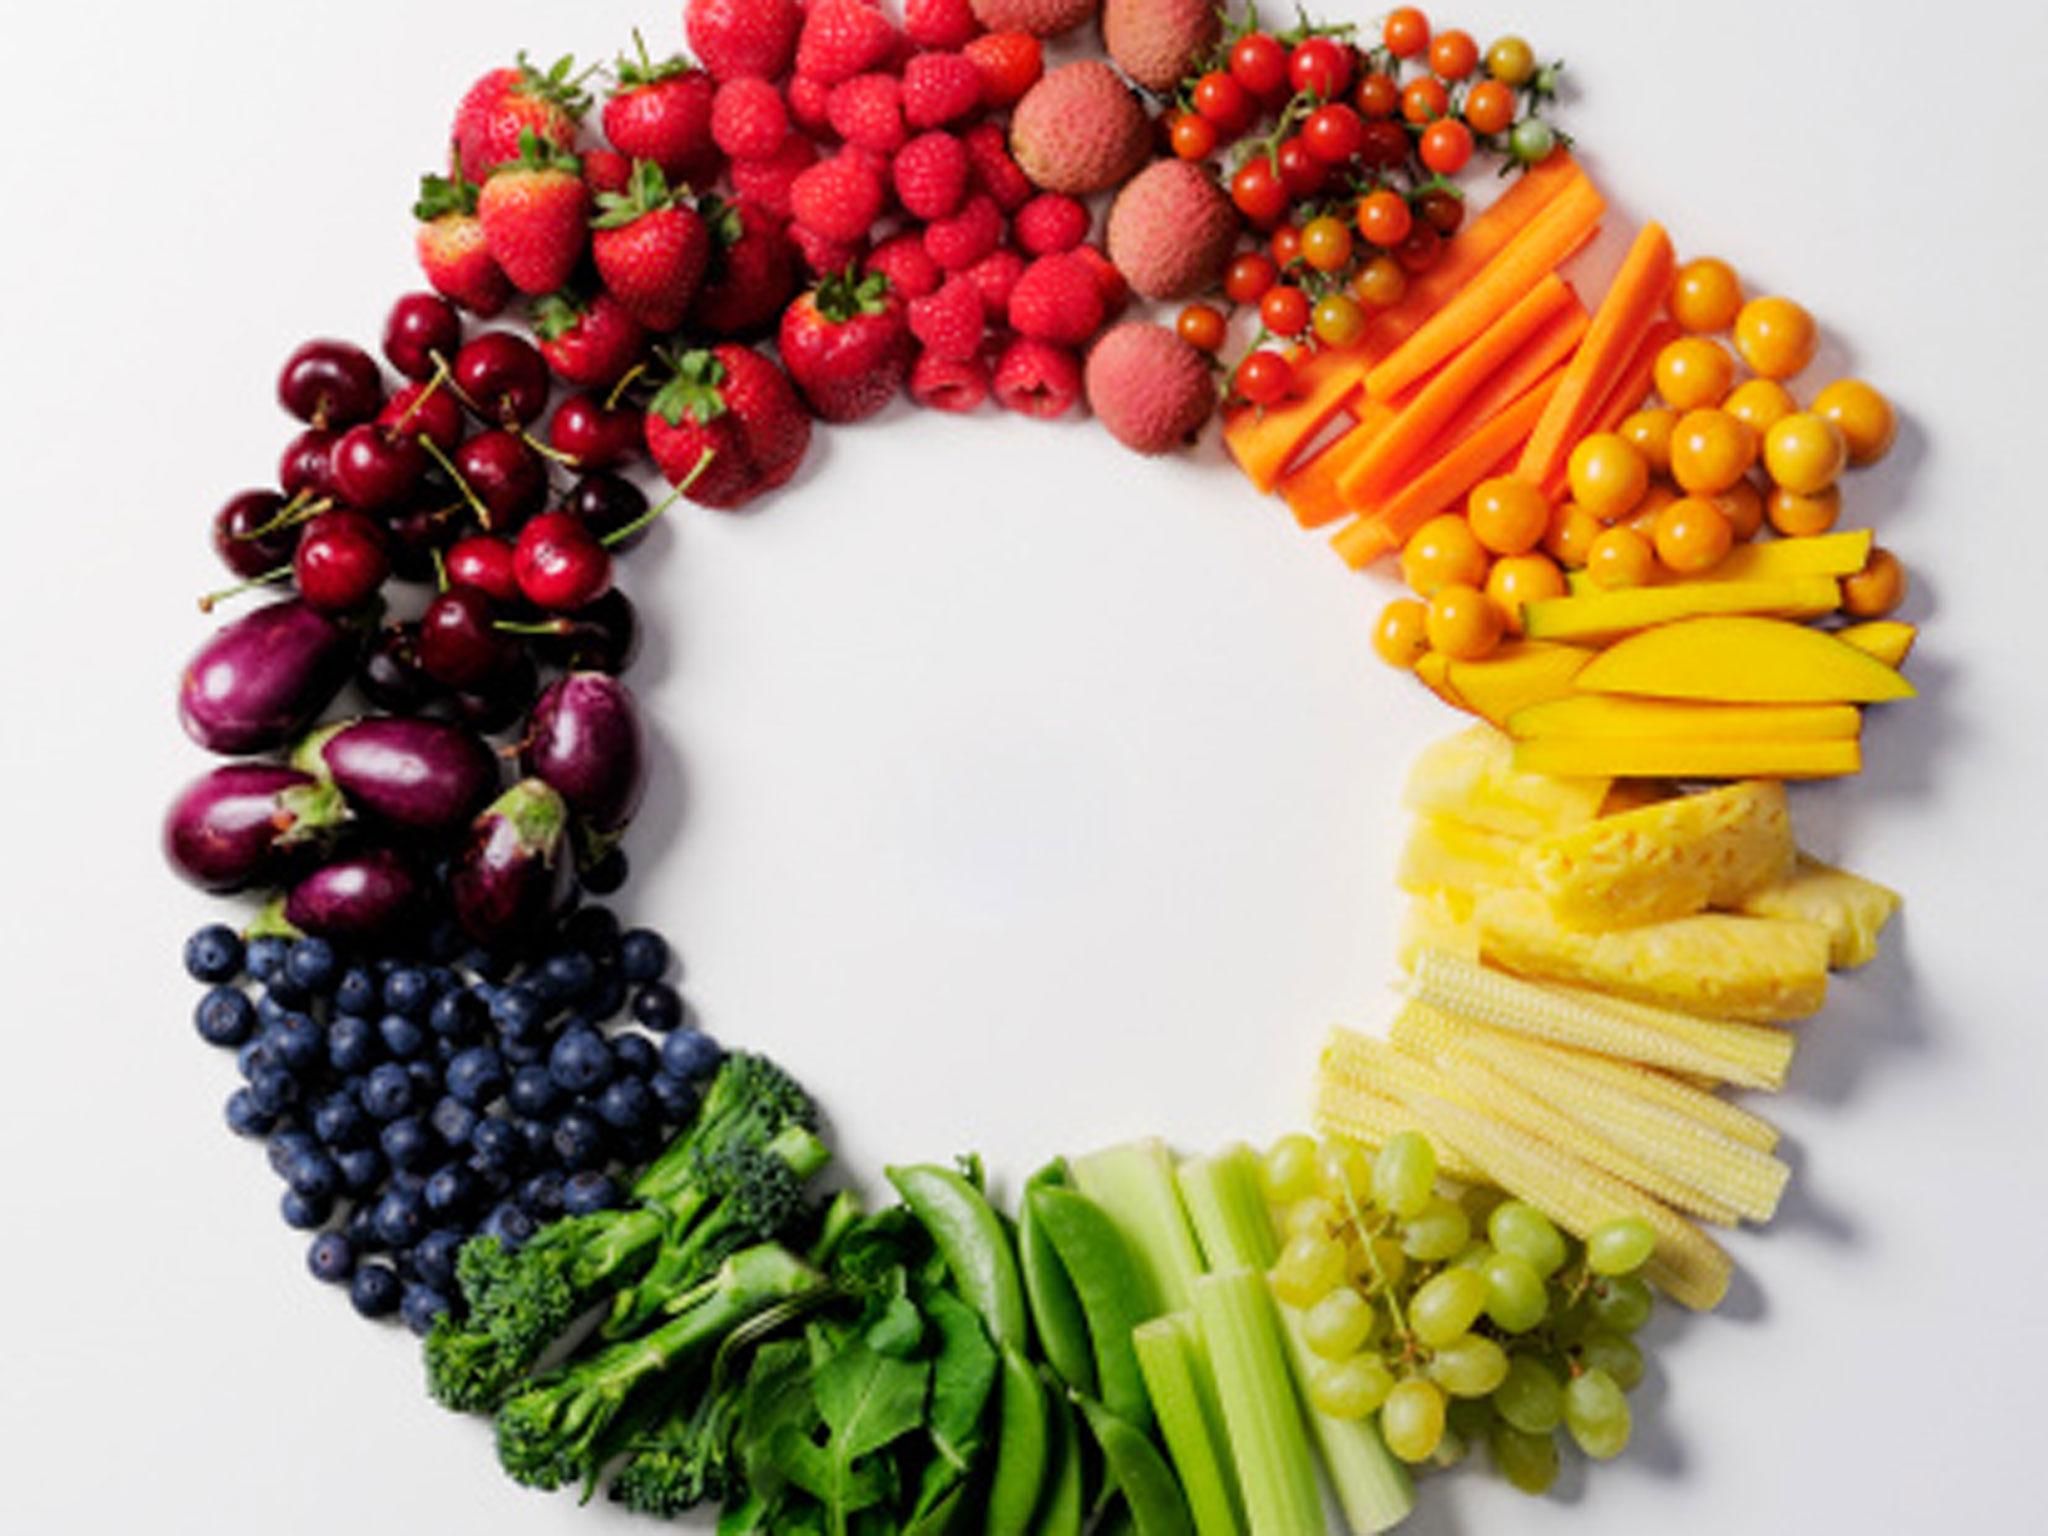 Разноцветная пища вызывает повышенный аппетит